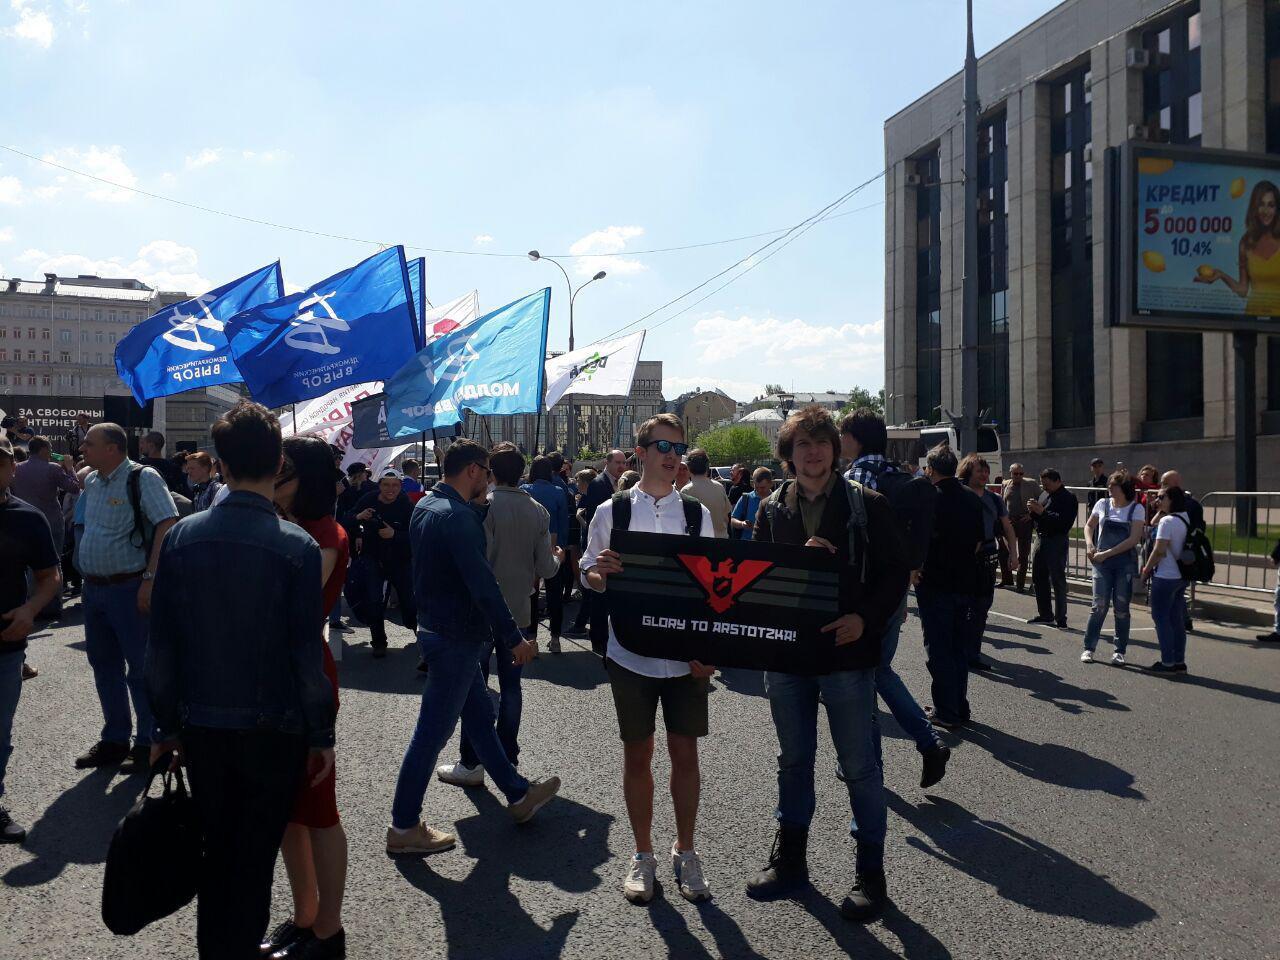 2-ой митинг против Роскомнадзора пройдет сегодня напроспекте Академика Сахарова